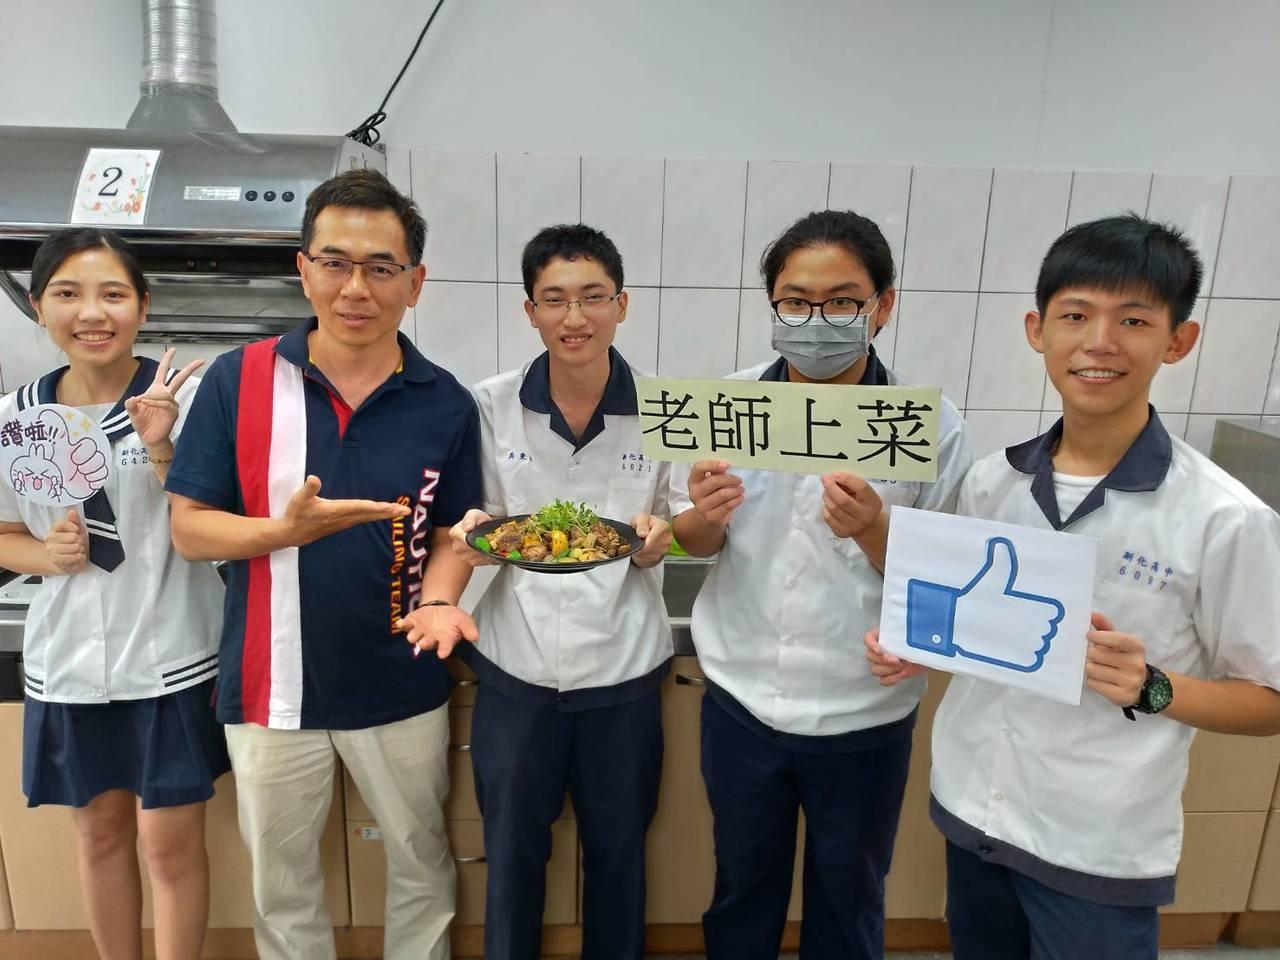 國立新化高中高三家政課舉辦「老師上菜」活動,力邀老師示範教導一道拿手菜。圖/新化...